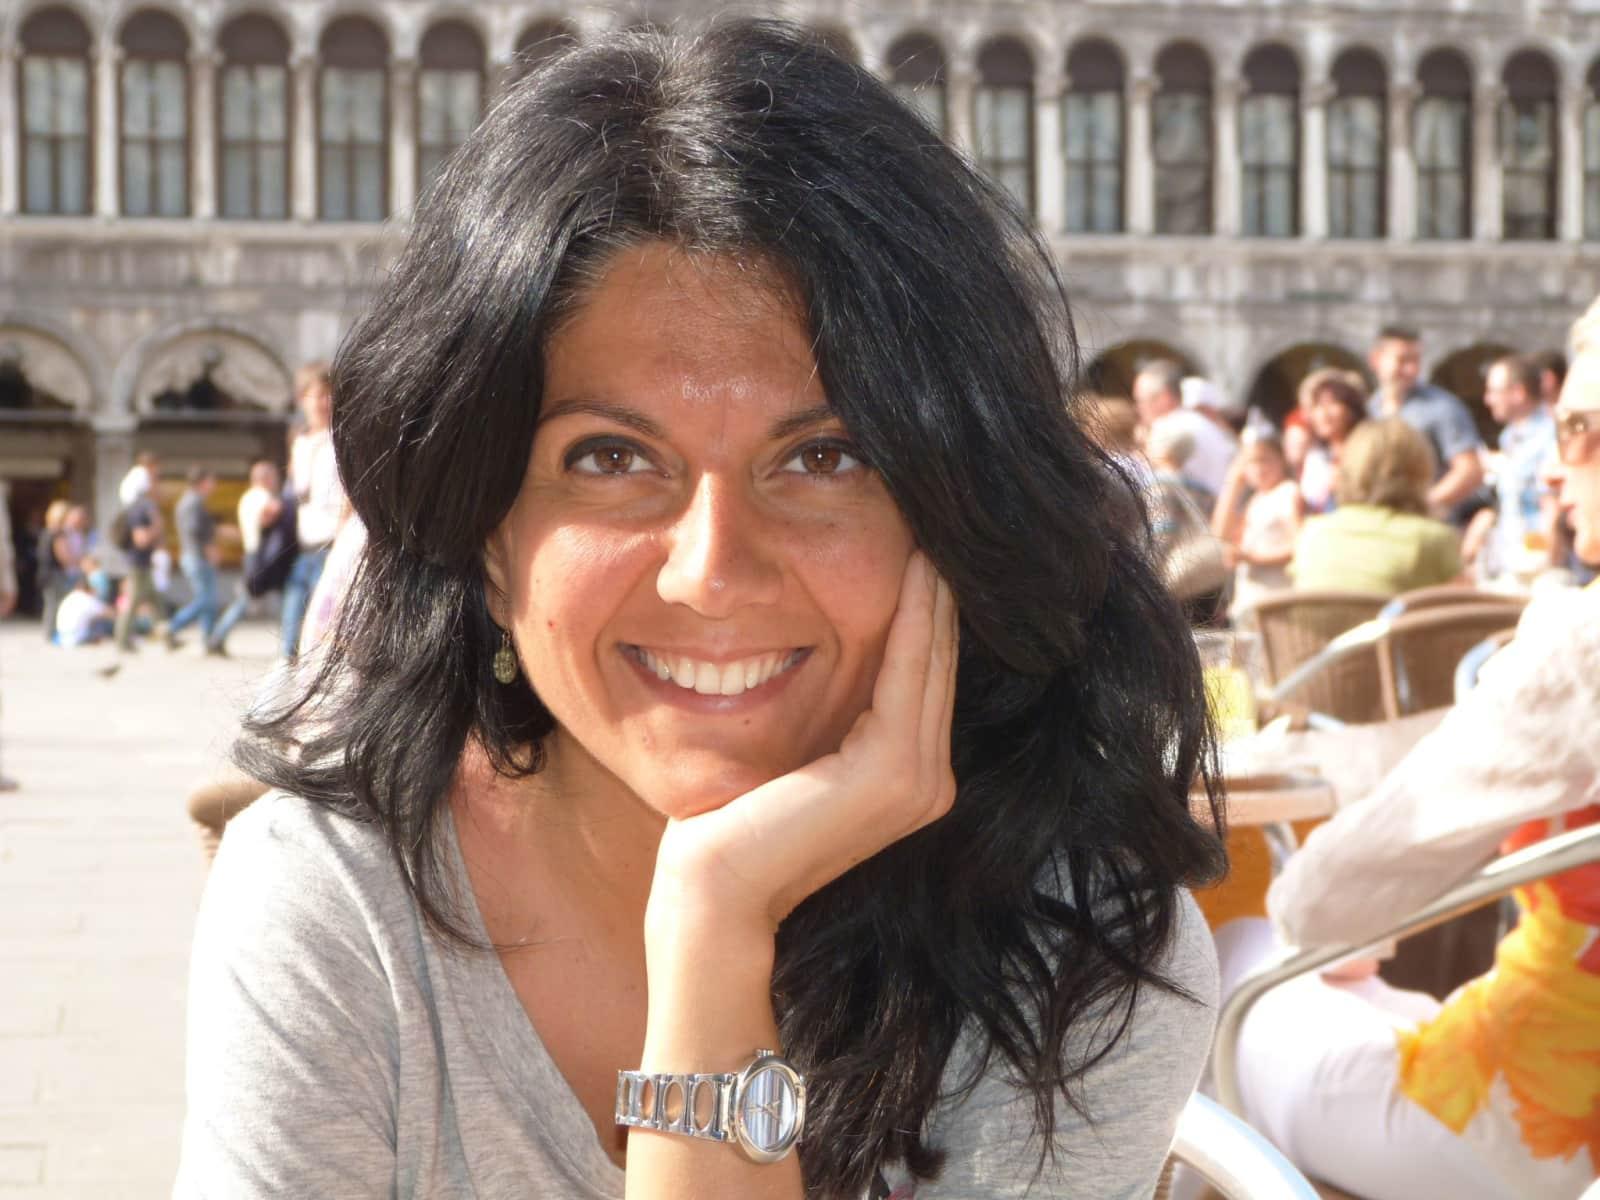 Maria grazia from Preara-Moraro-Levà Nord, Italy